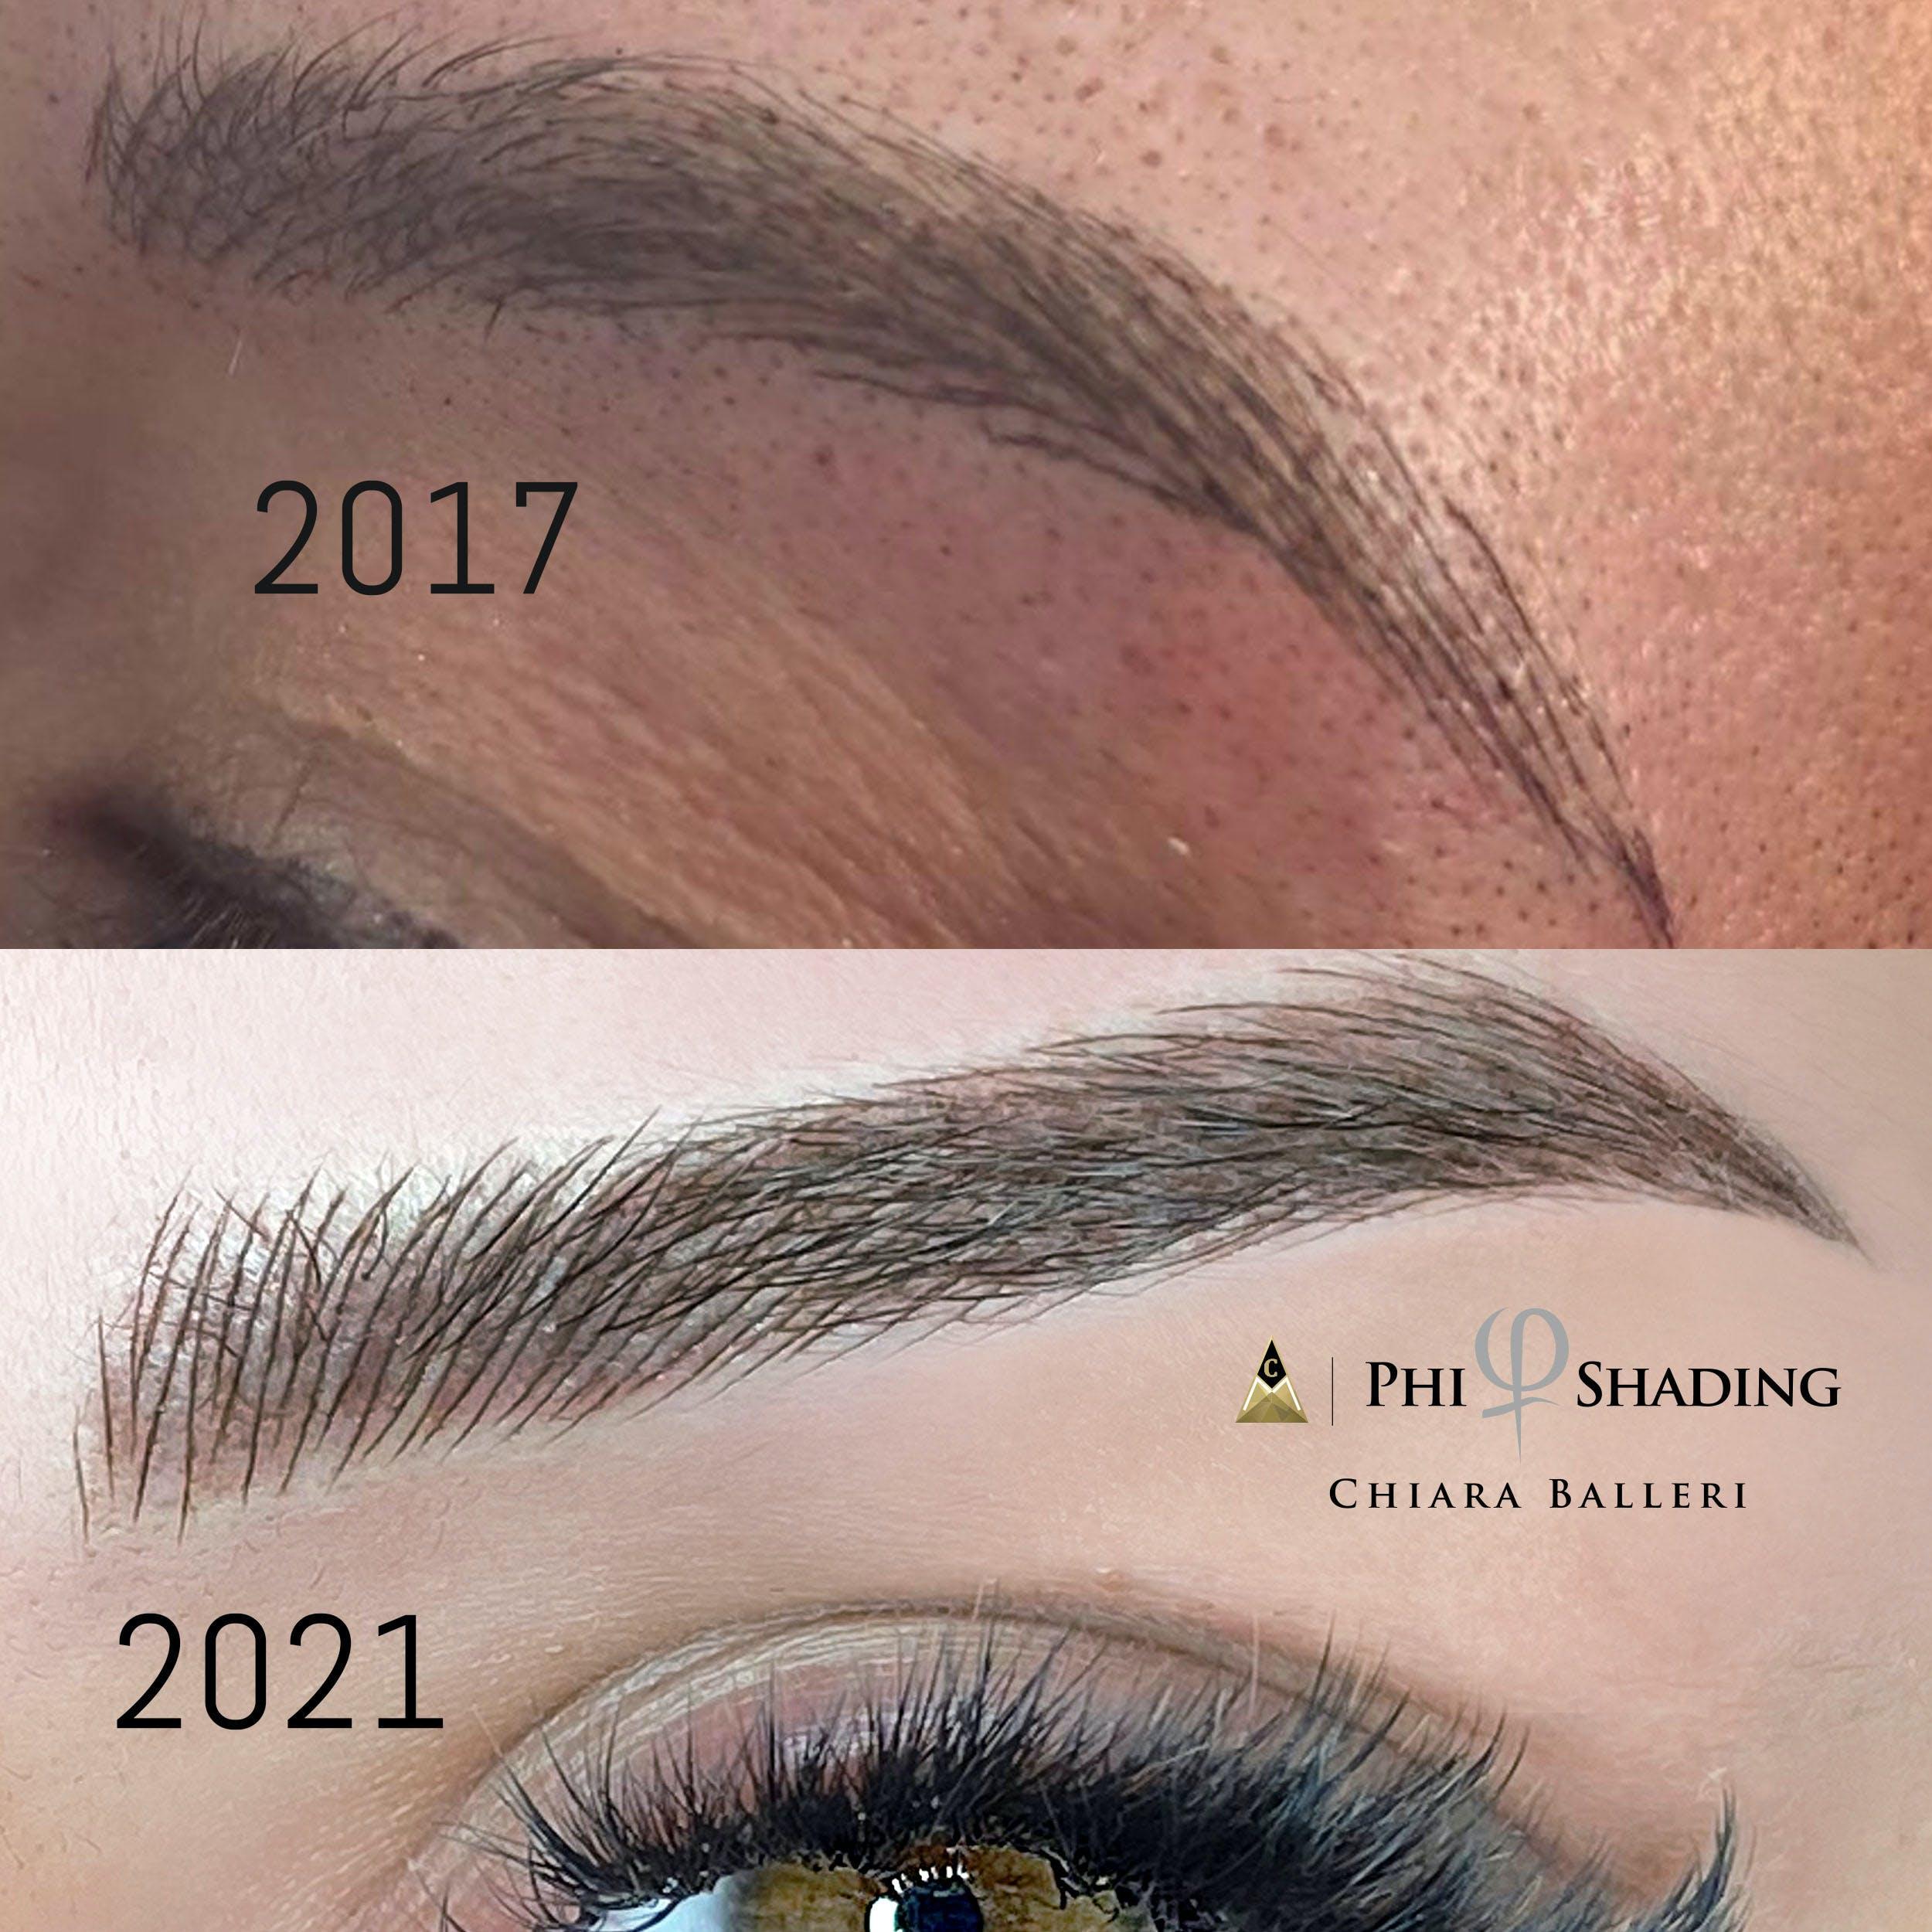 Chiara's amazing progress through years